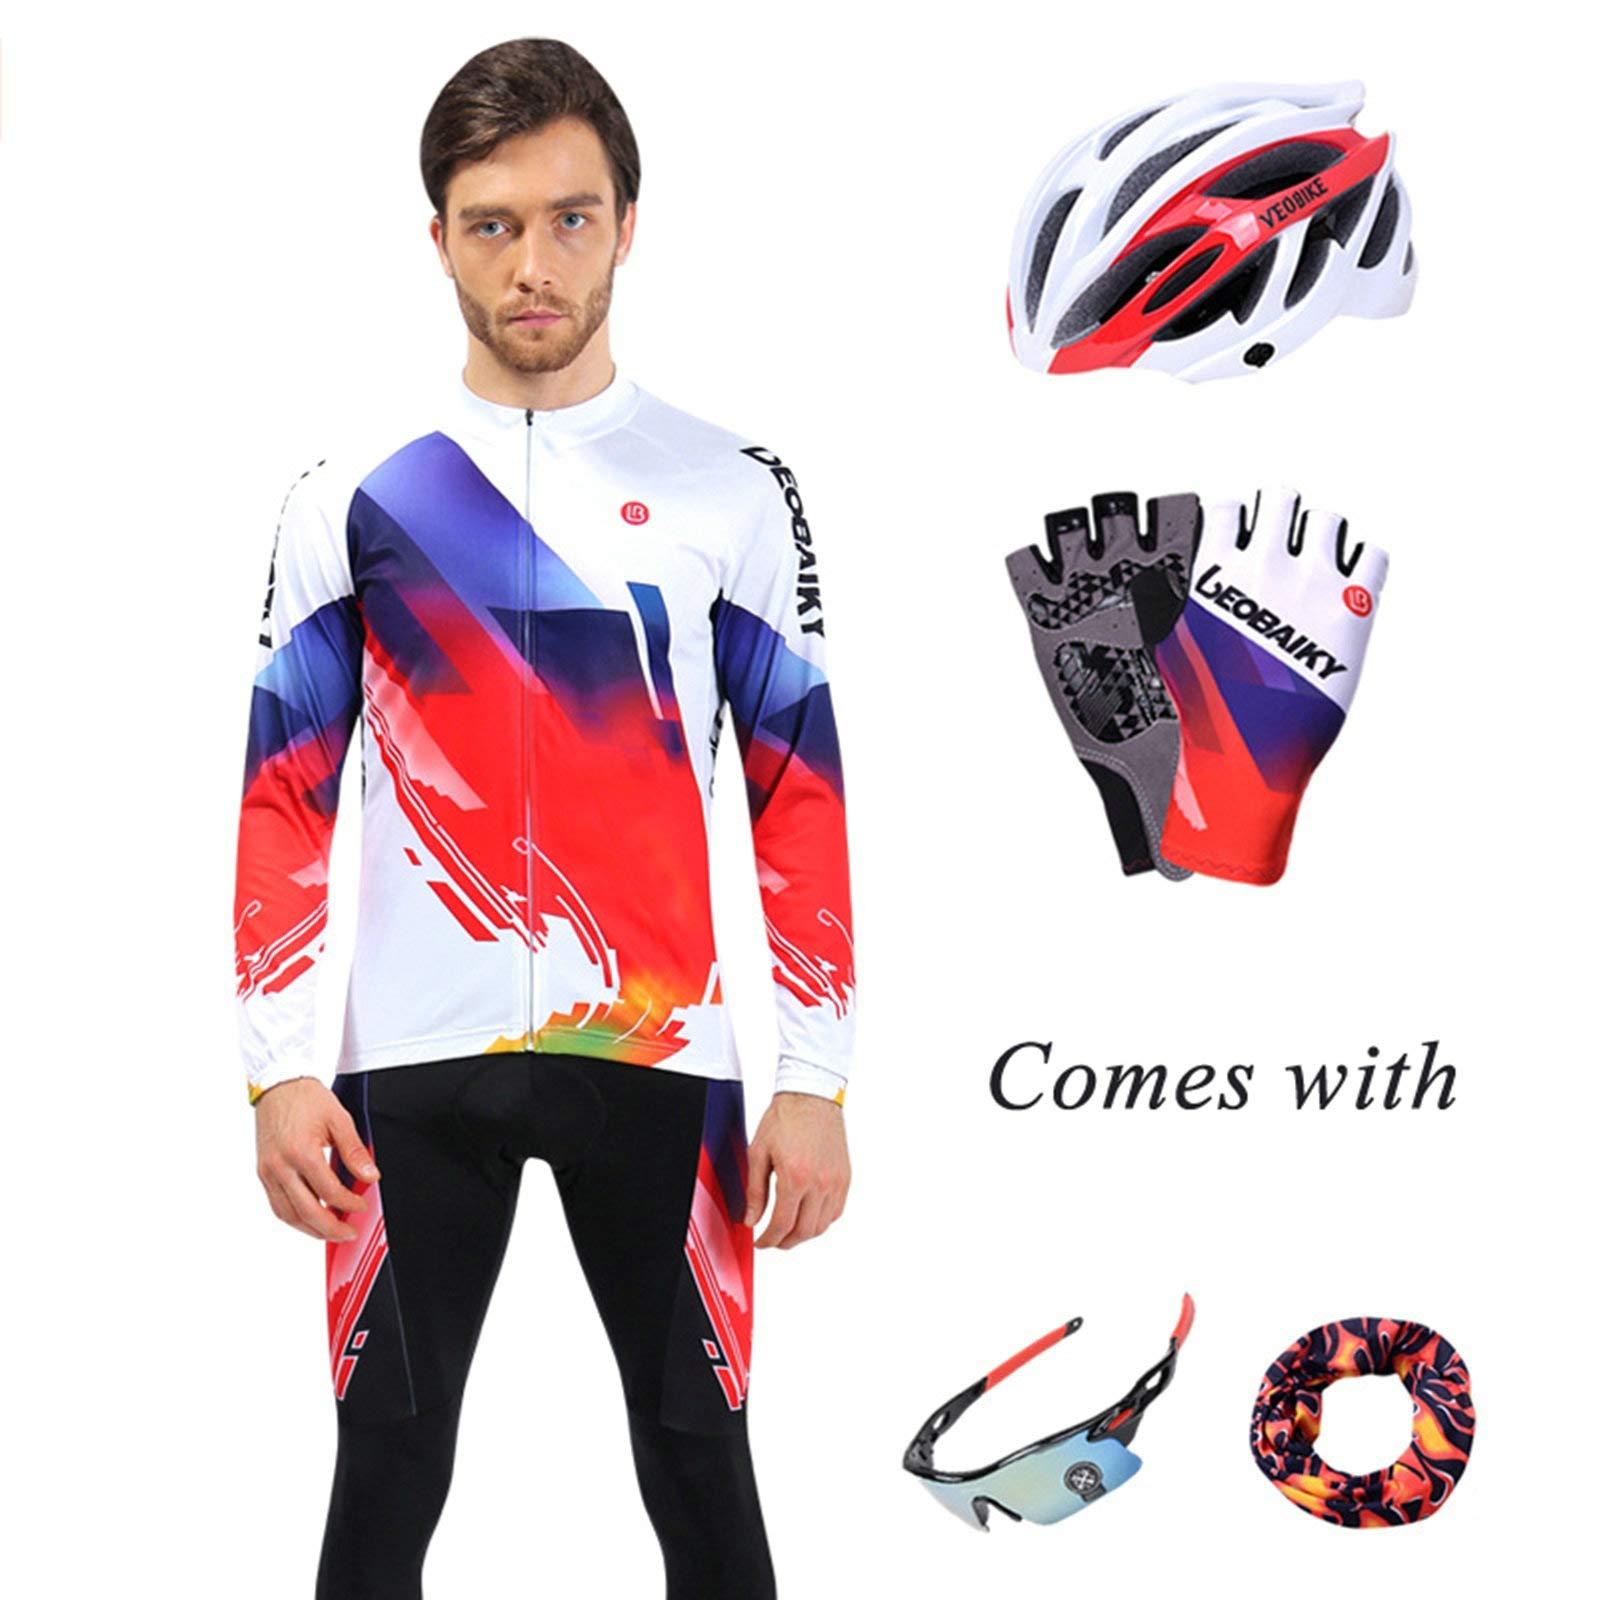 Aooaz Men's Biking Clothing Set Shirt Leggings with Helmet/Gloves/Goggles/Mask White S